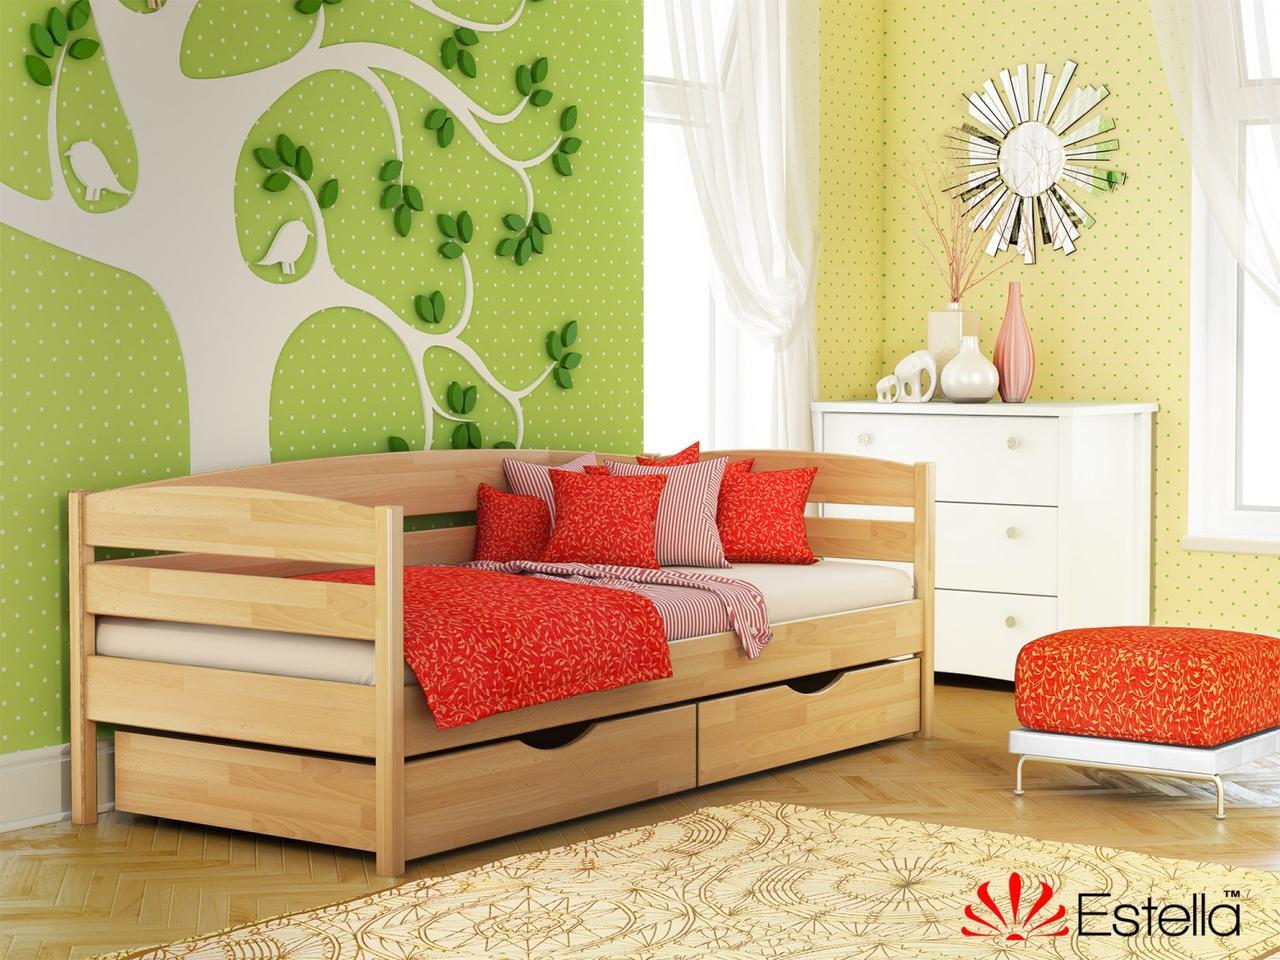 Ліжко Нота Плюс односпальне 80х190, дерев'яна, ортопедична